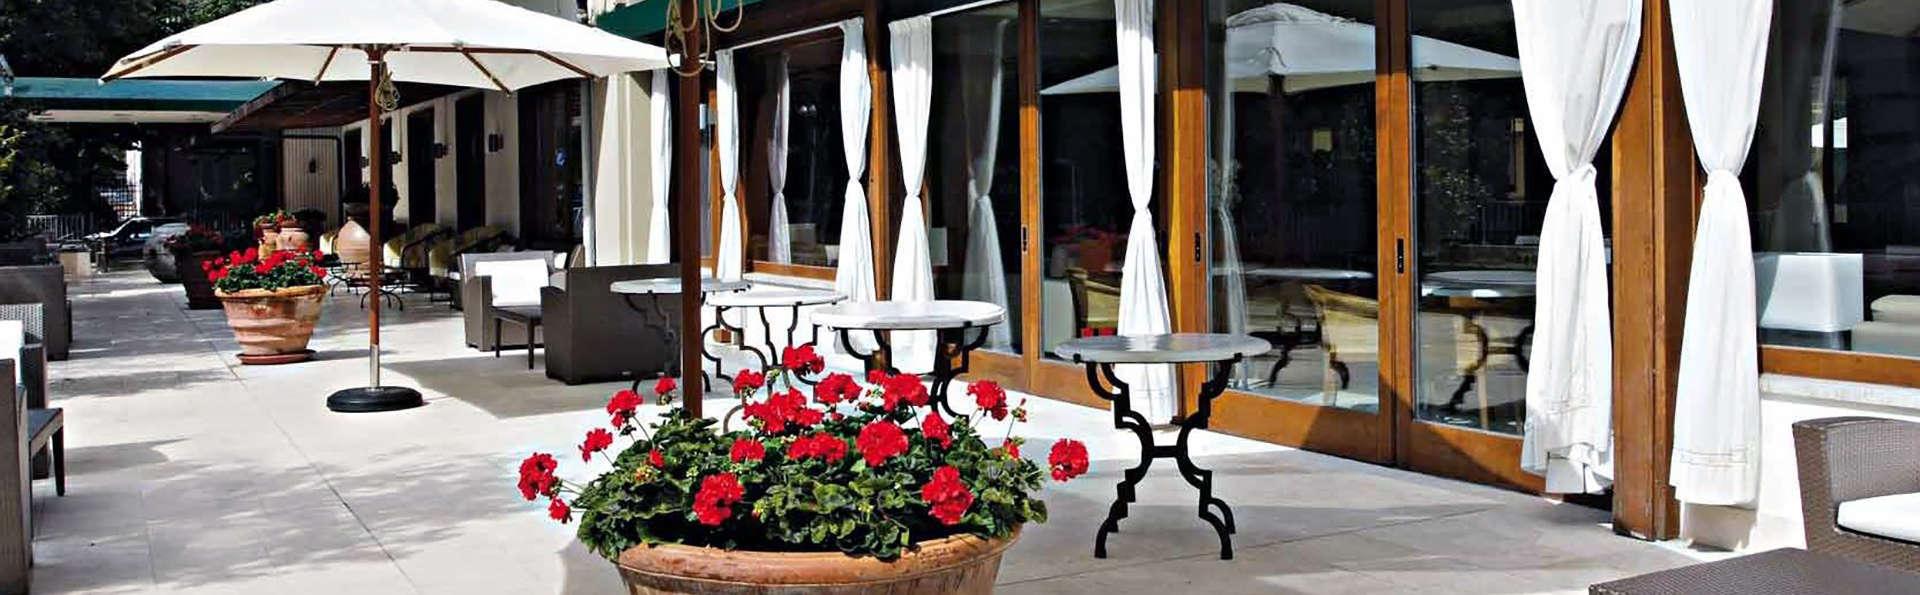 Charme et élégance à Montecatini Terme dans un fantastique hôtel 4 étoiles